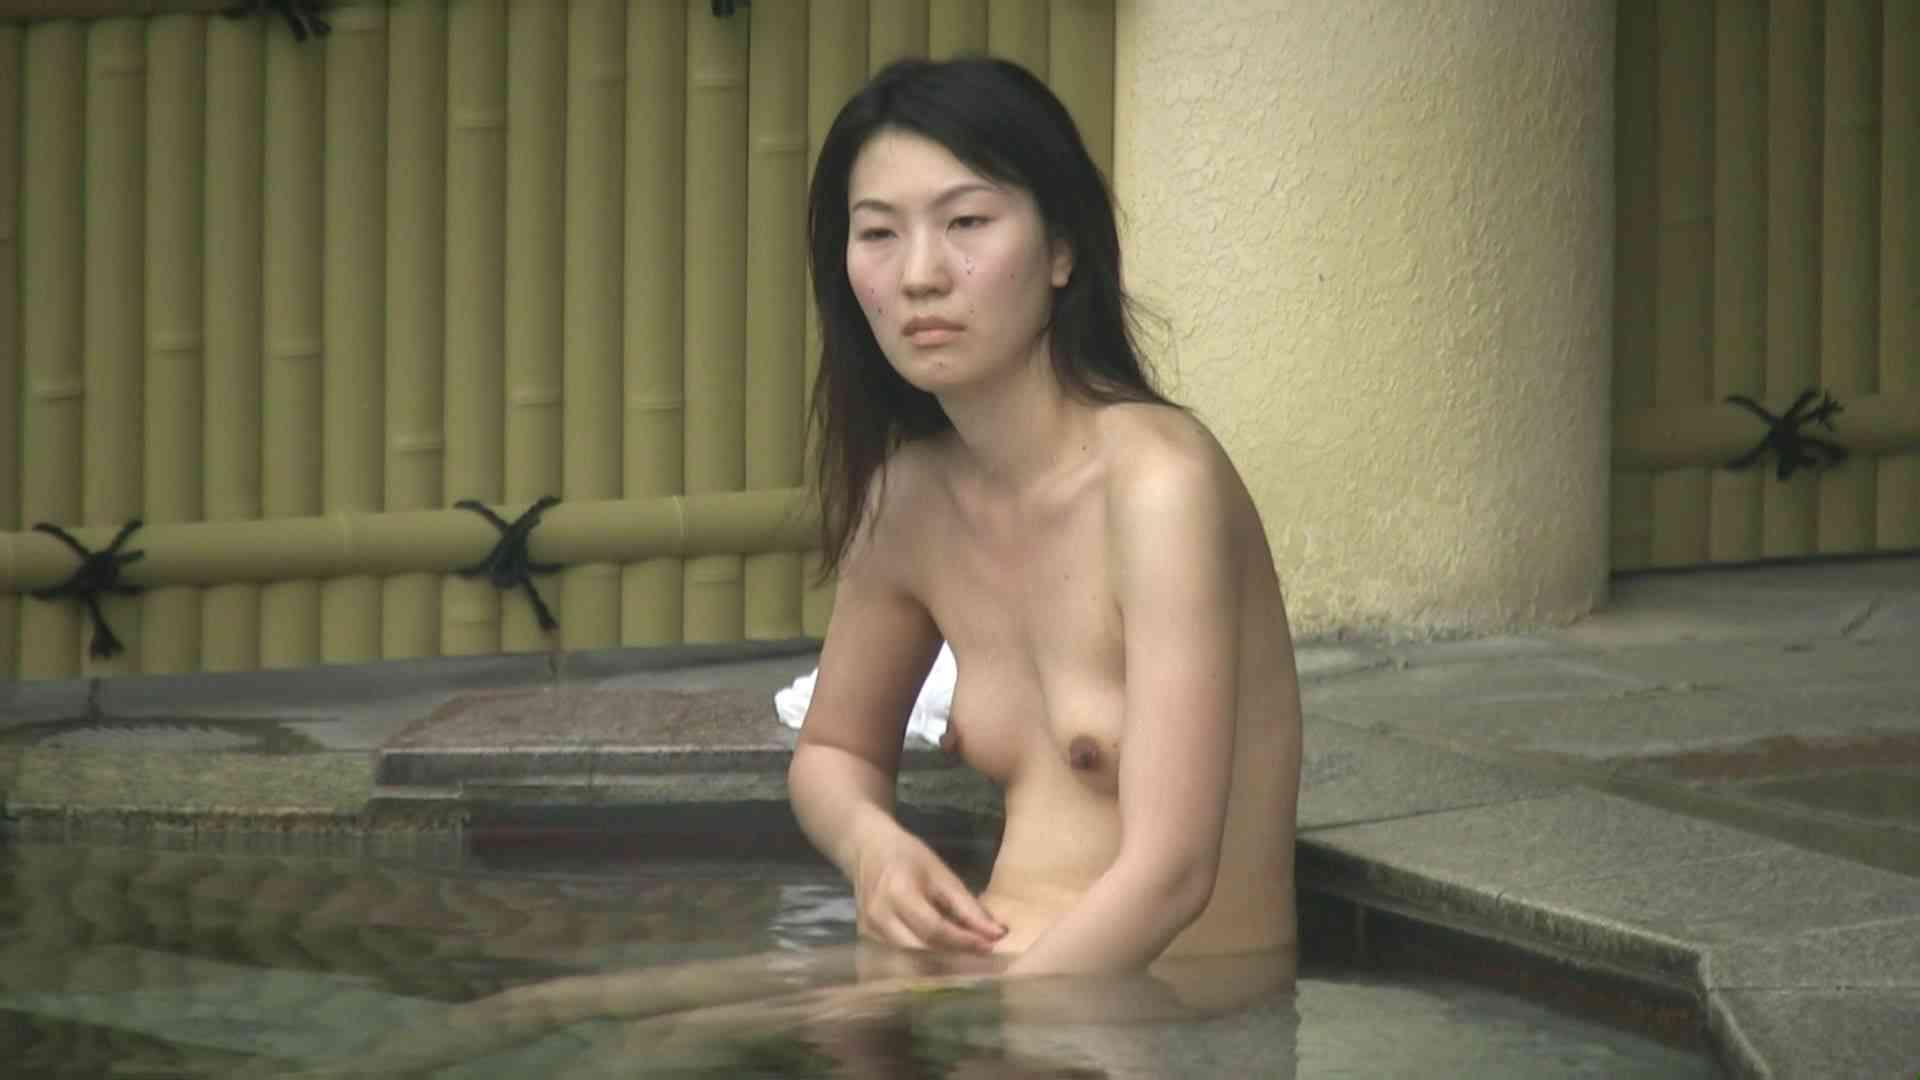 高画質露天女風呂観察 vol.034 乙女ちゃん オマンコ無修正動画無料 41連発 40